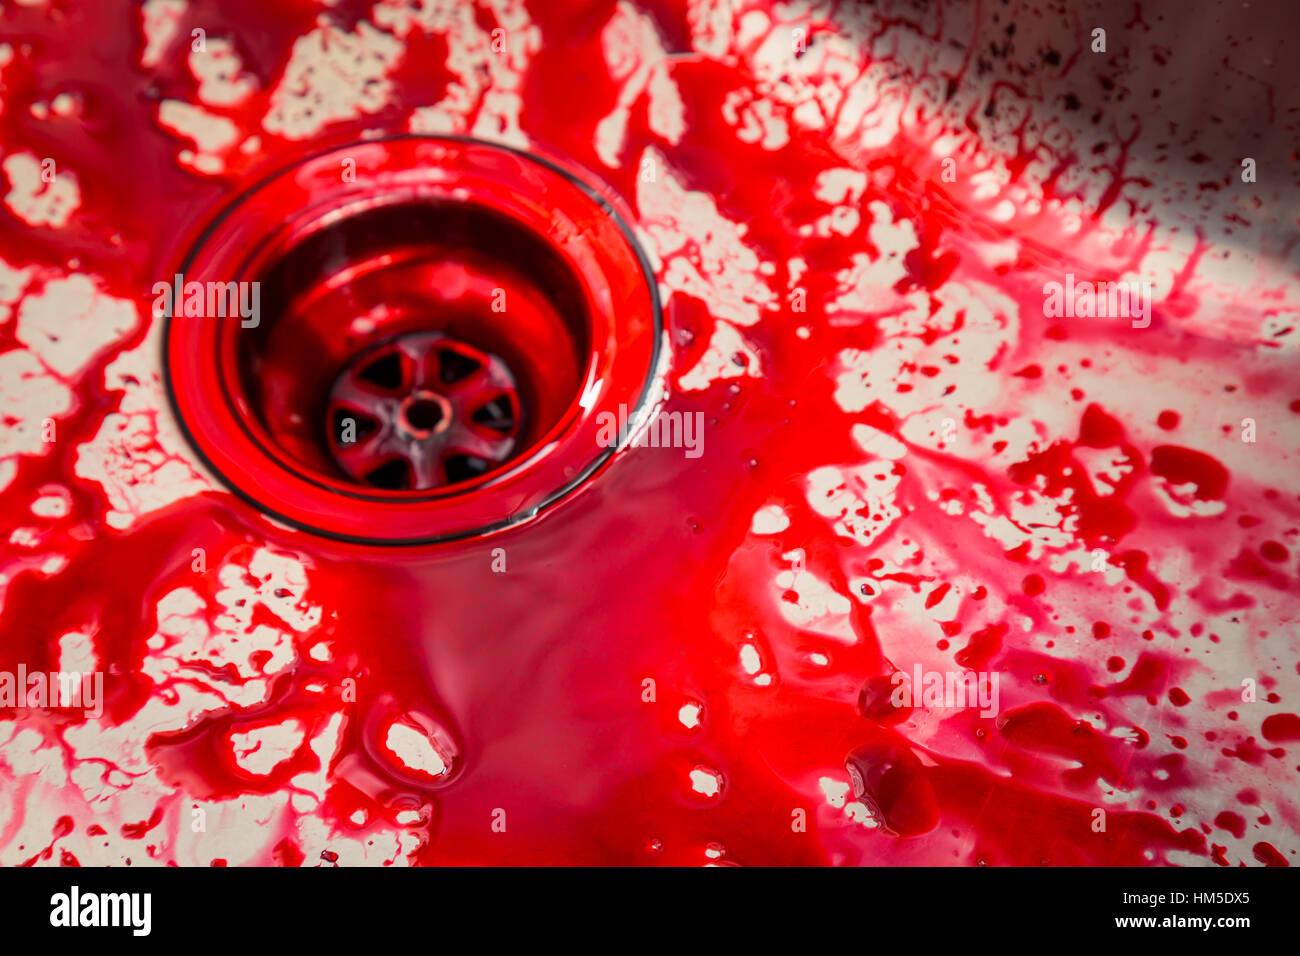 Küchenspüle mit Blut für halloween Stockfoto, Bild: 132886381 - Alamy